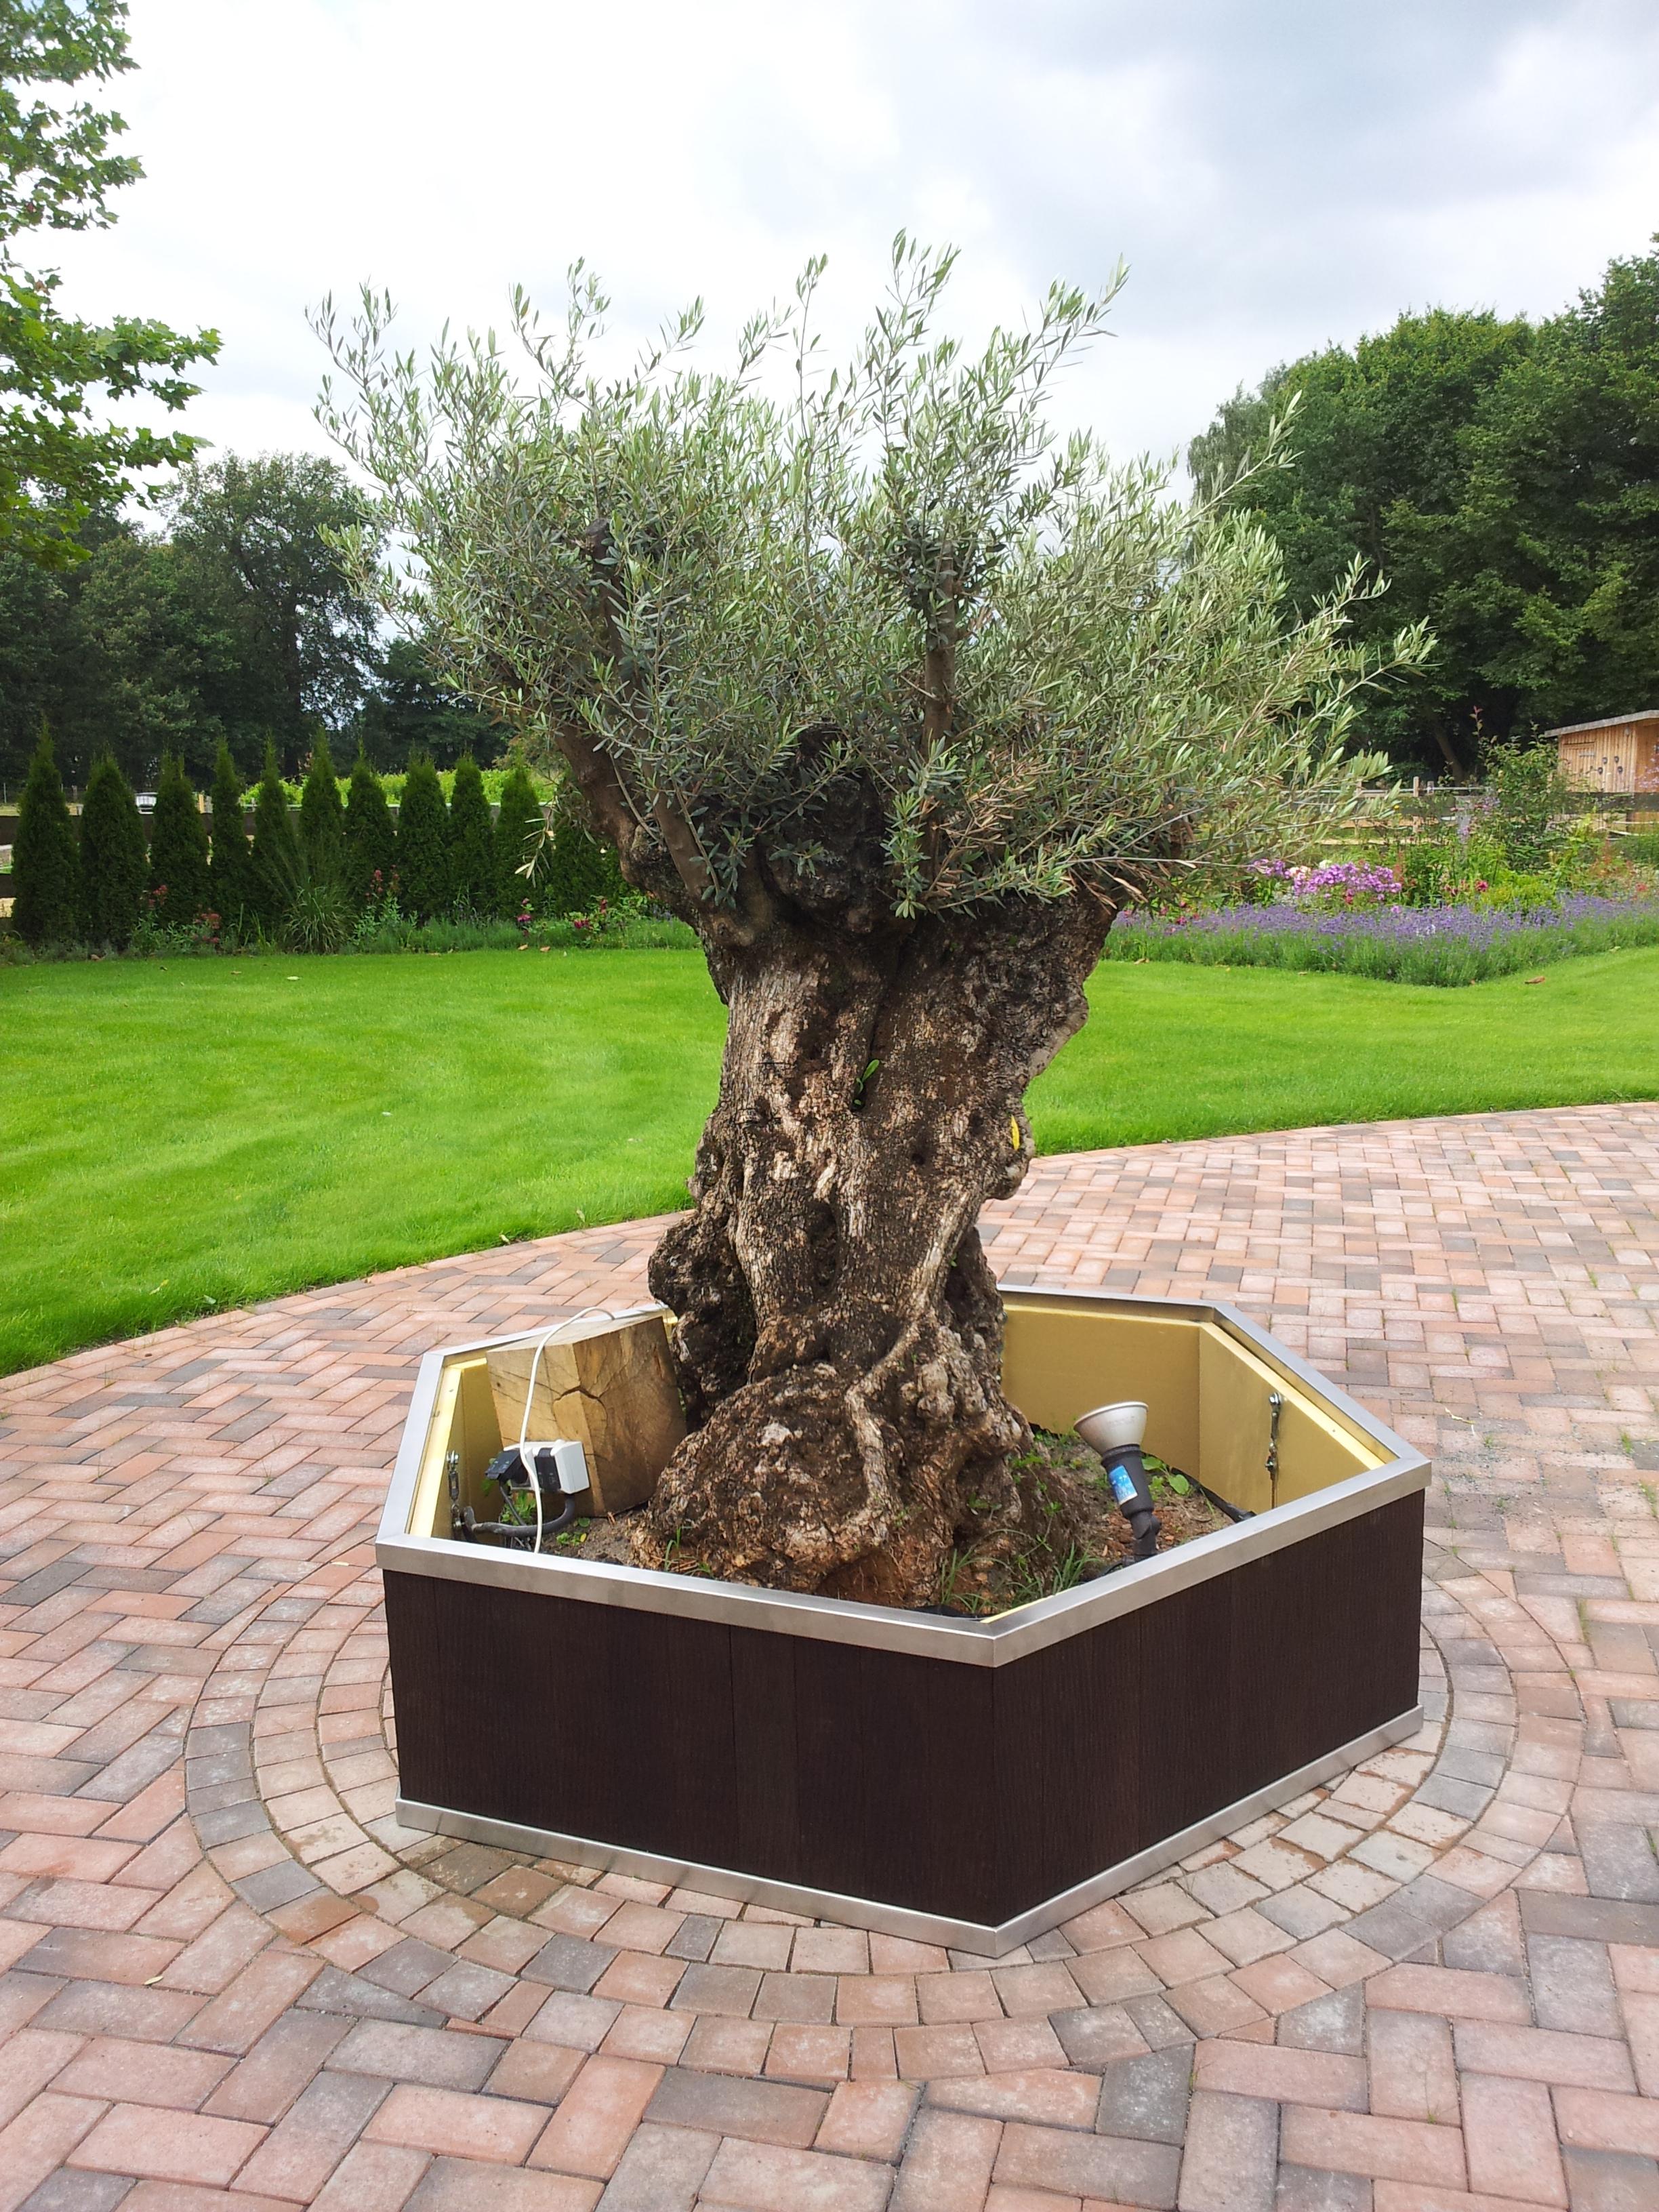 pflanzk bel f r sehr alten olivenbaum besondere exklusive beheizte pflanzk belbesondere. Black Bedroom Furniture Sets. Home Design Ideas